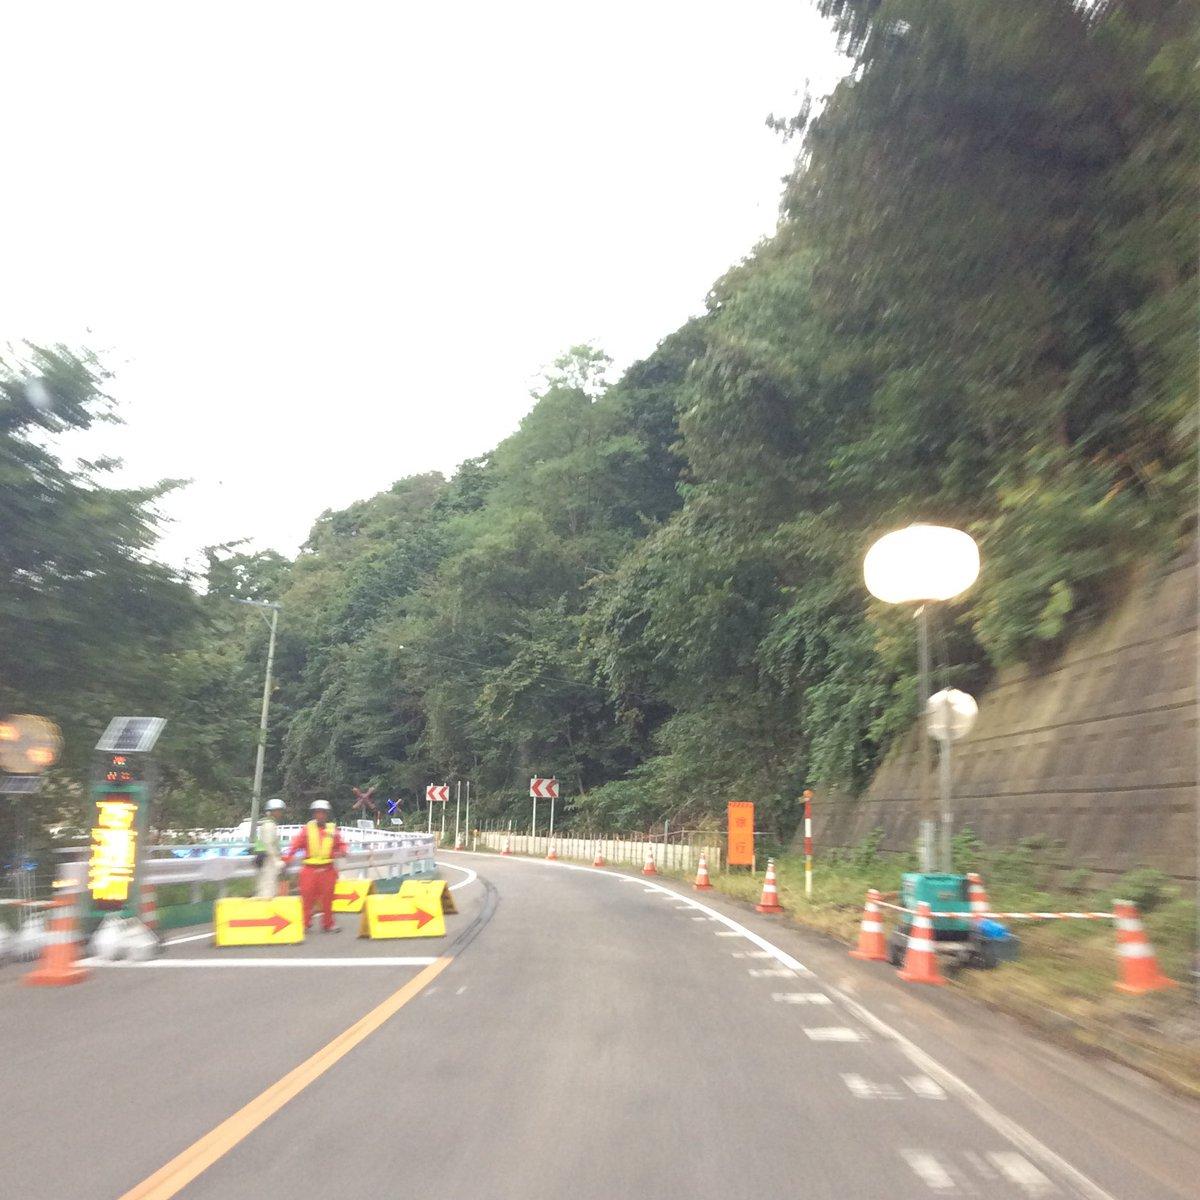 北海道 鹿部温泉観光協会 on Twi...